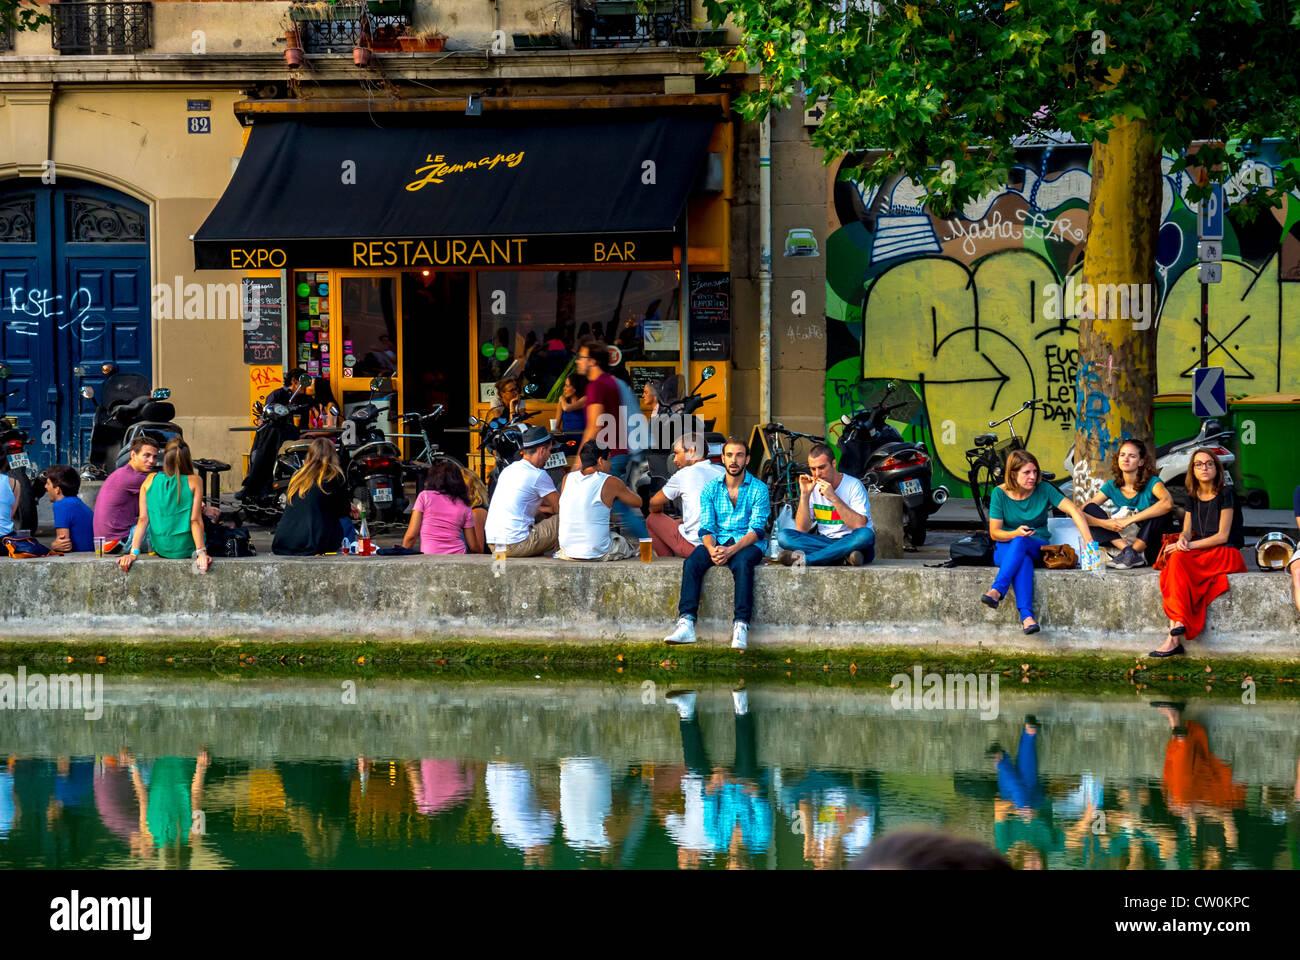 Terrasse Canal Saint Martin paris, france, foule de jeunes de vous détendre dans le café